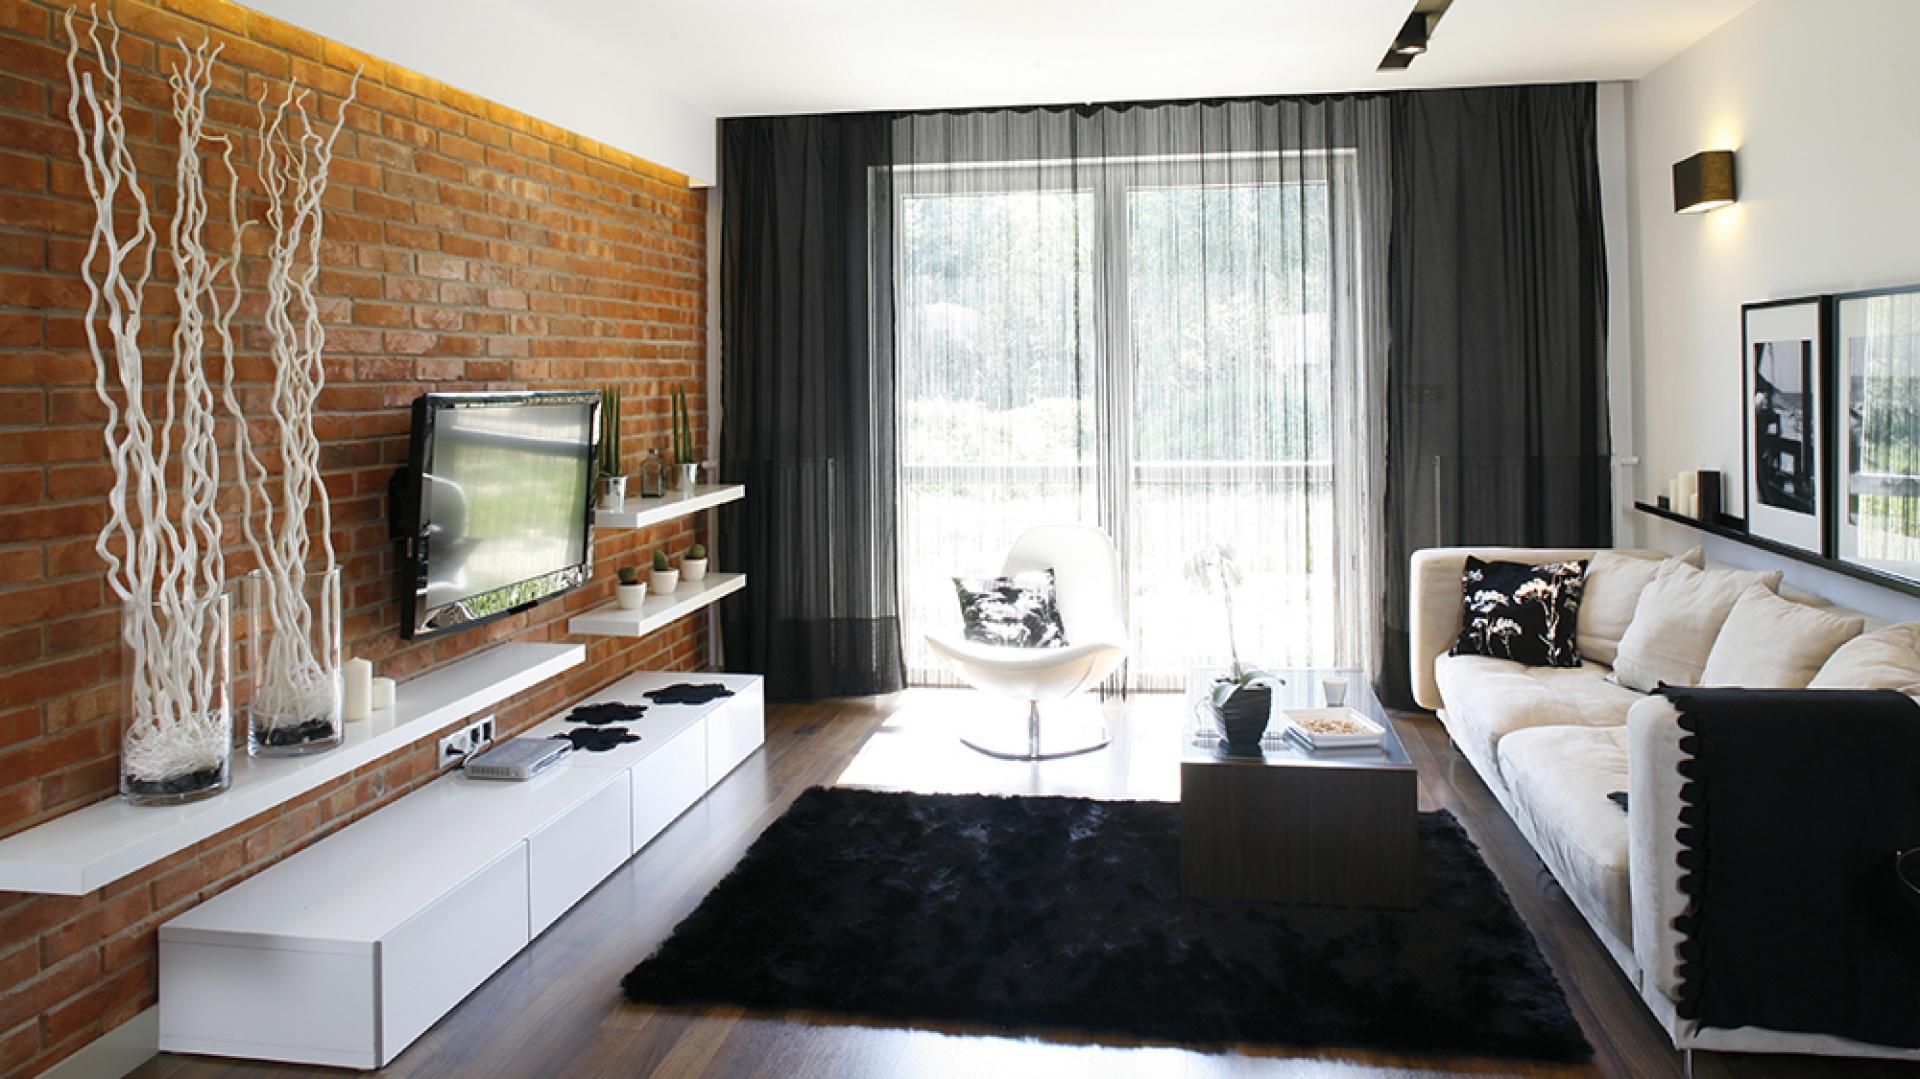 Ściana z surowej cegły to mocne tło dla nowoczesnych białych mebli. Równie mocnym akcentem są czarne tkaniny: dywan (Komfort), firany-spagetti, pled, poduszki (Home&You). Fot. Bartosz Jarosz.